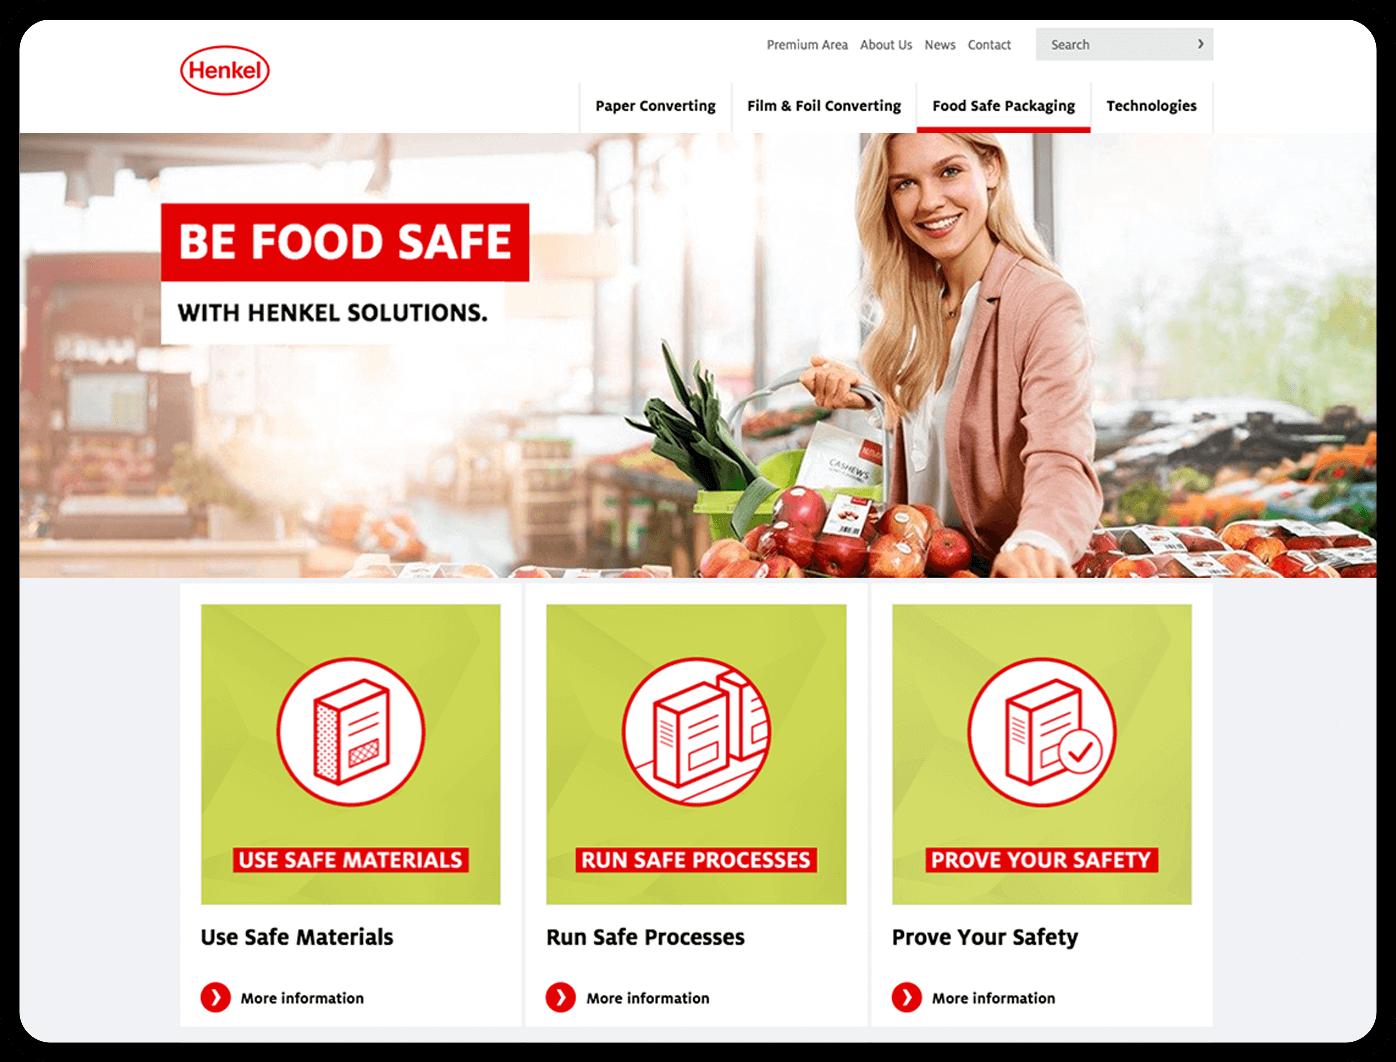 cyclos henkel website zielgruppen marketing food werbeagentur marketingkonzept